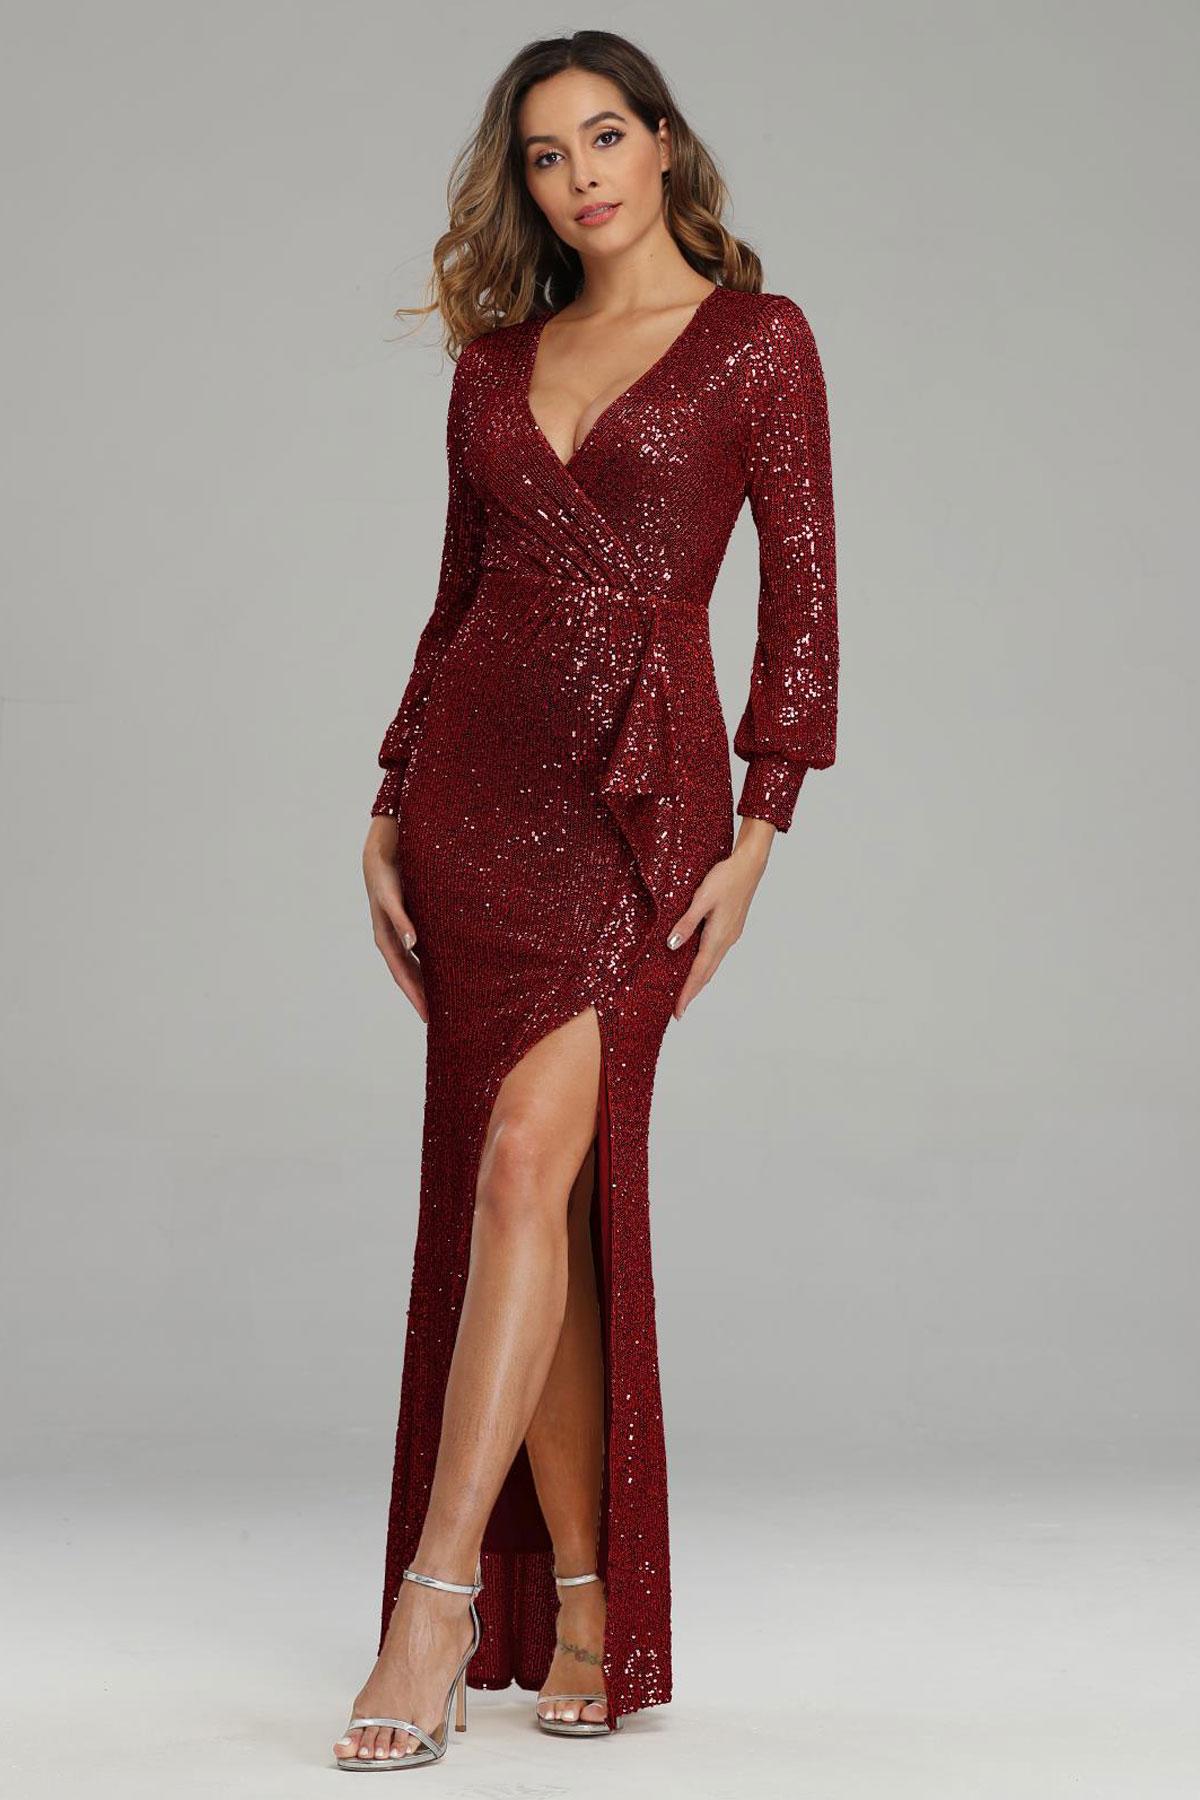 robe de soirée fourreau fendue rouge en paillettes cache coeur à manches